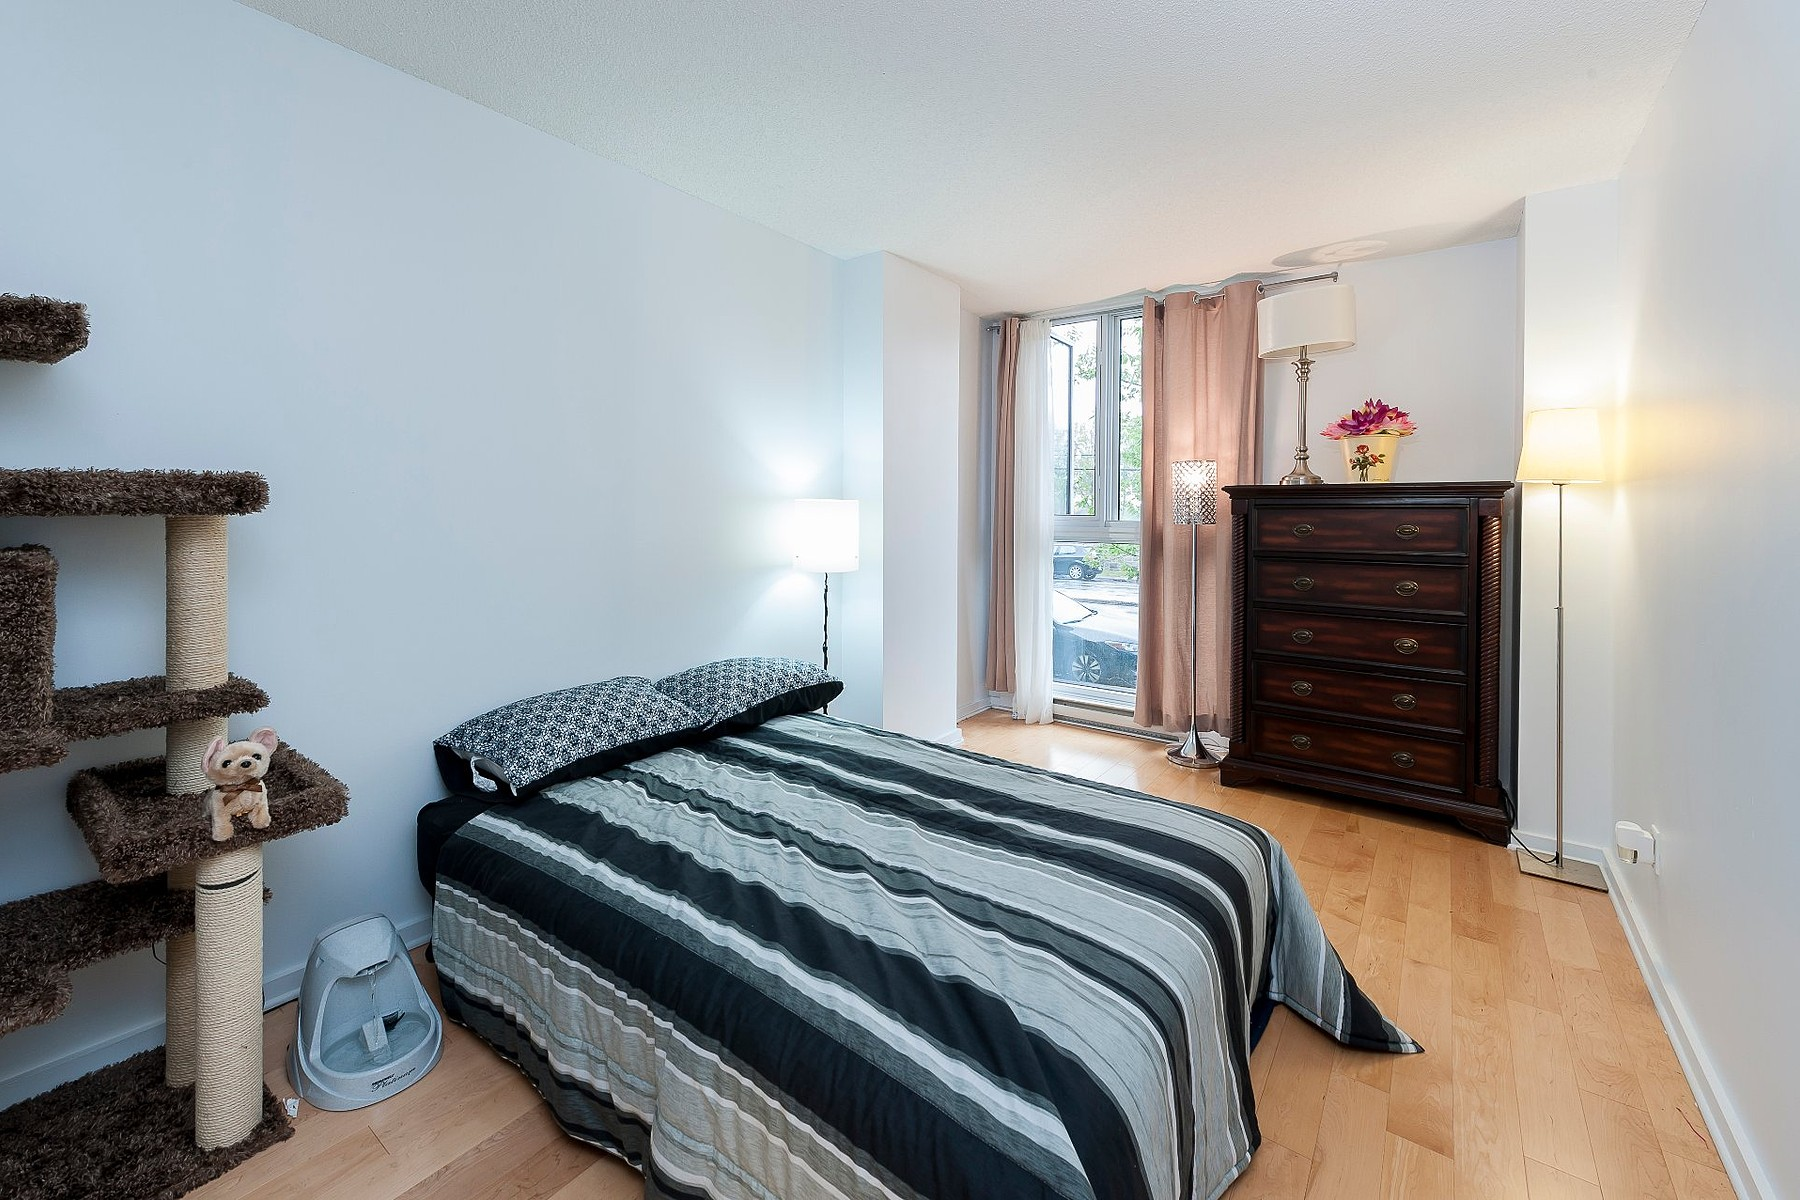 Additional photo for property listing at Côte-des-Neiges / Notre-Dame-de-Grâce, Montréal 4950 Rue de la Savane, Apt. 104 Cote Des Neiges Notre Dame De Grace, Quebec H4P1T7 Canada